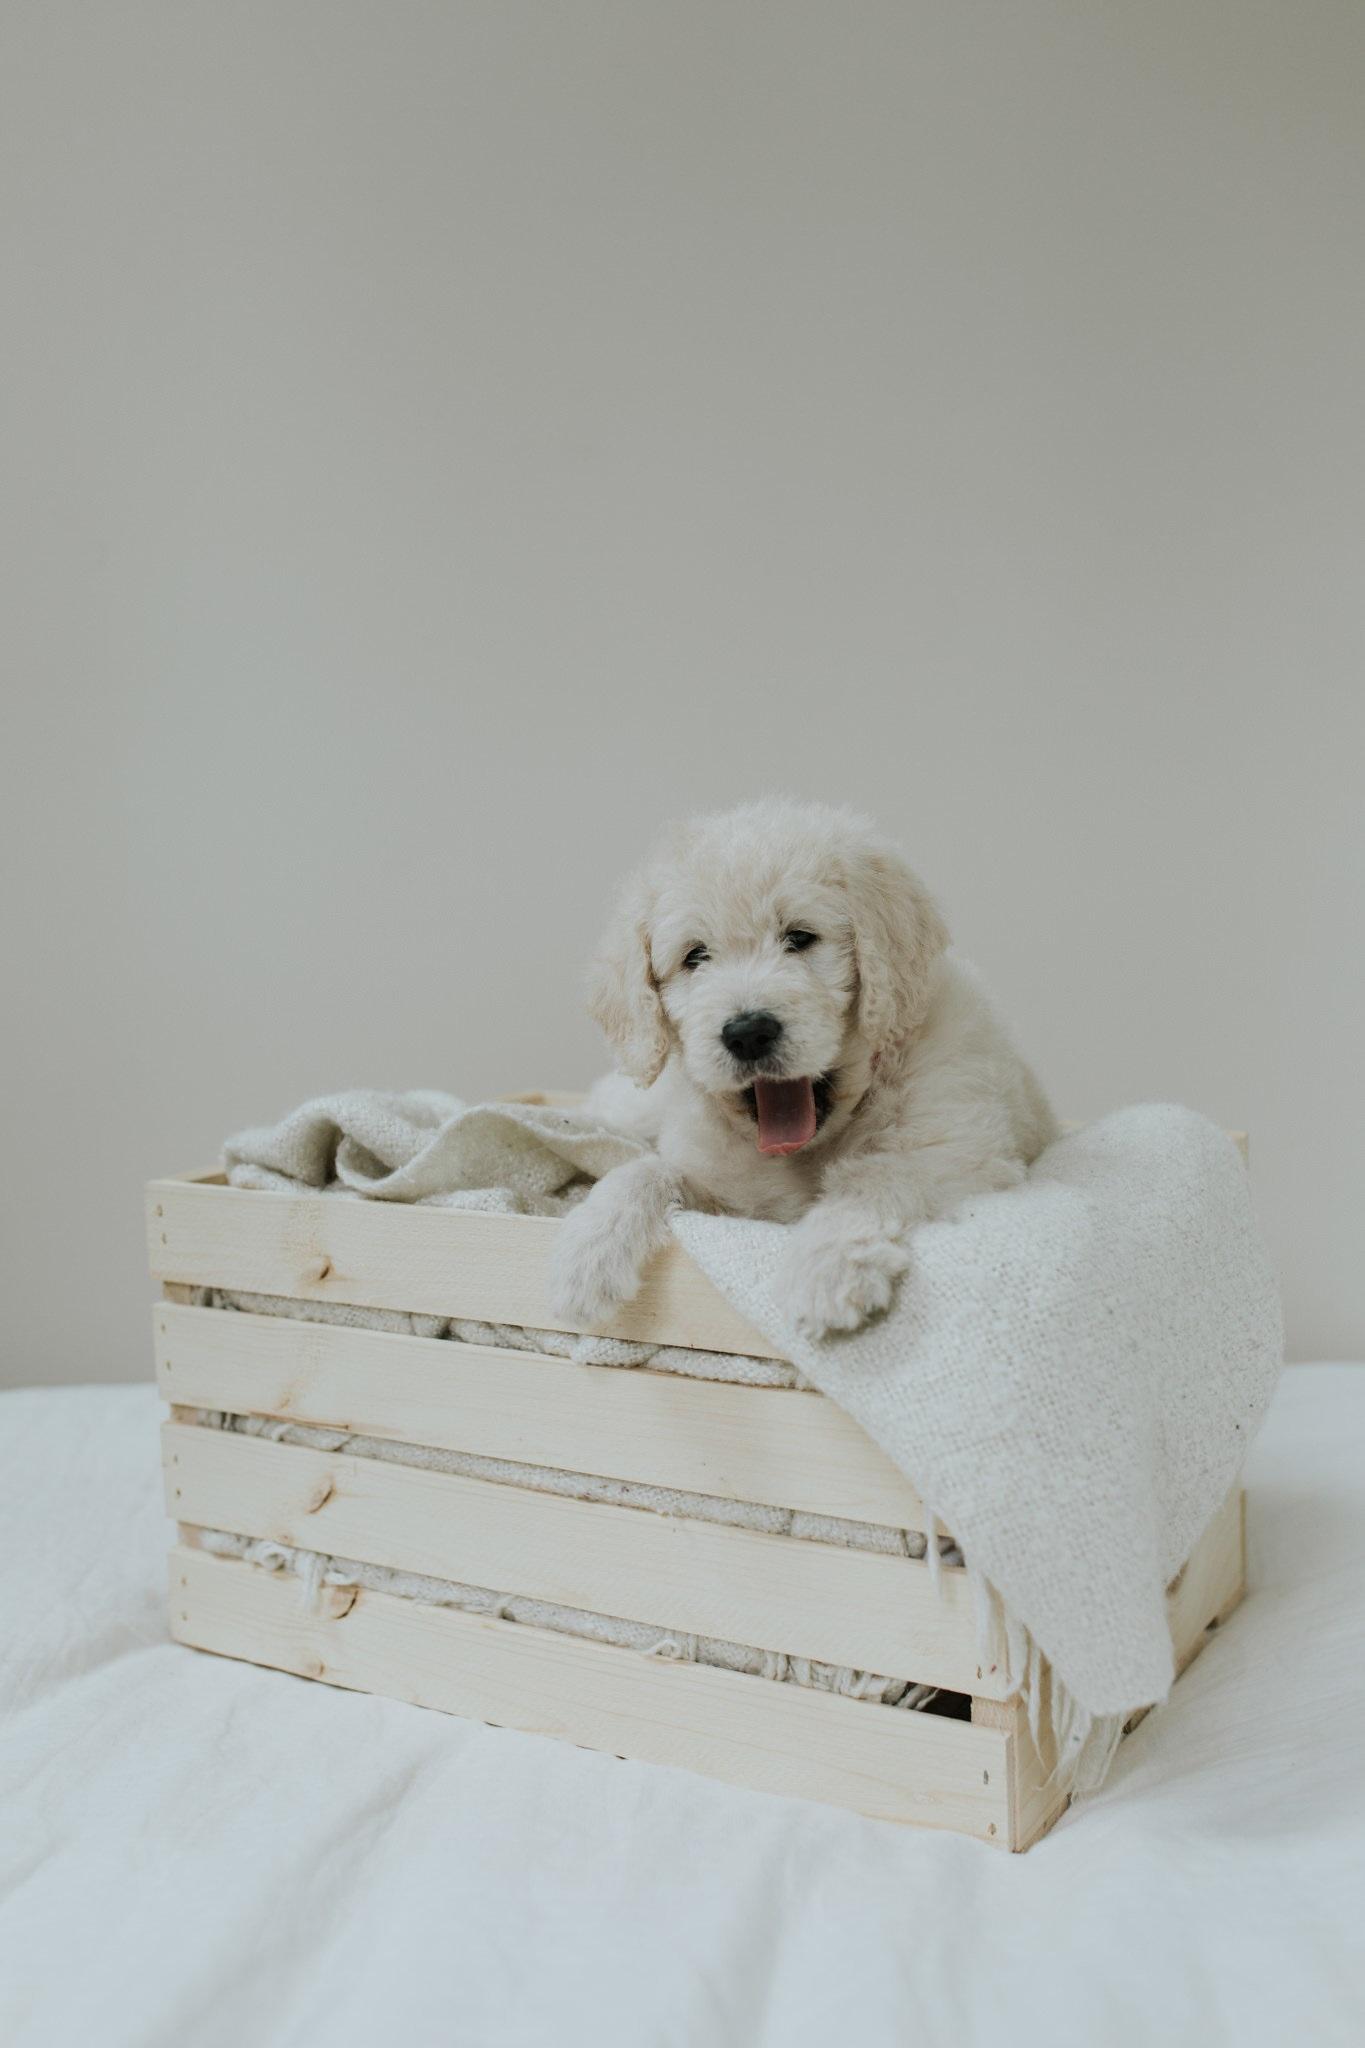 Puppies-Week-6-39 (1).jpg